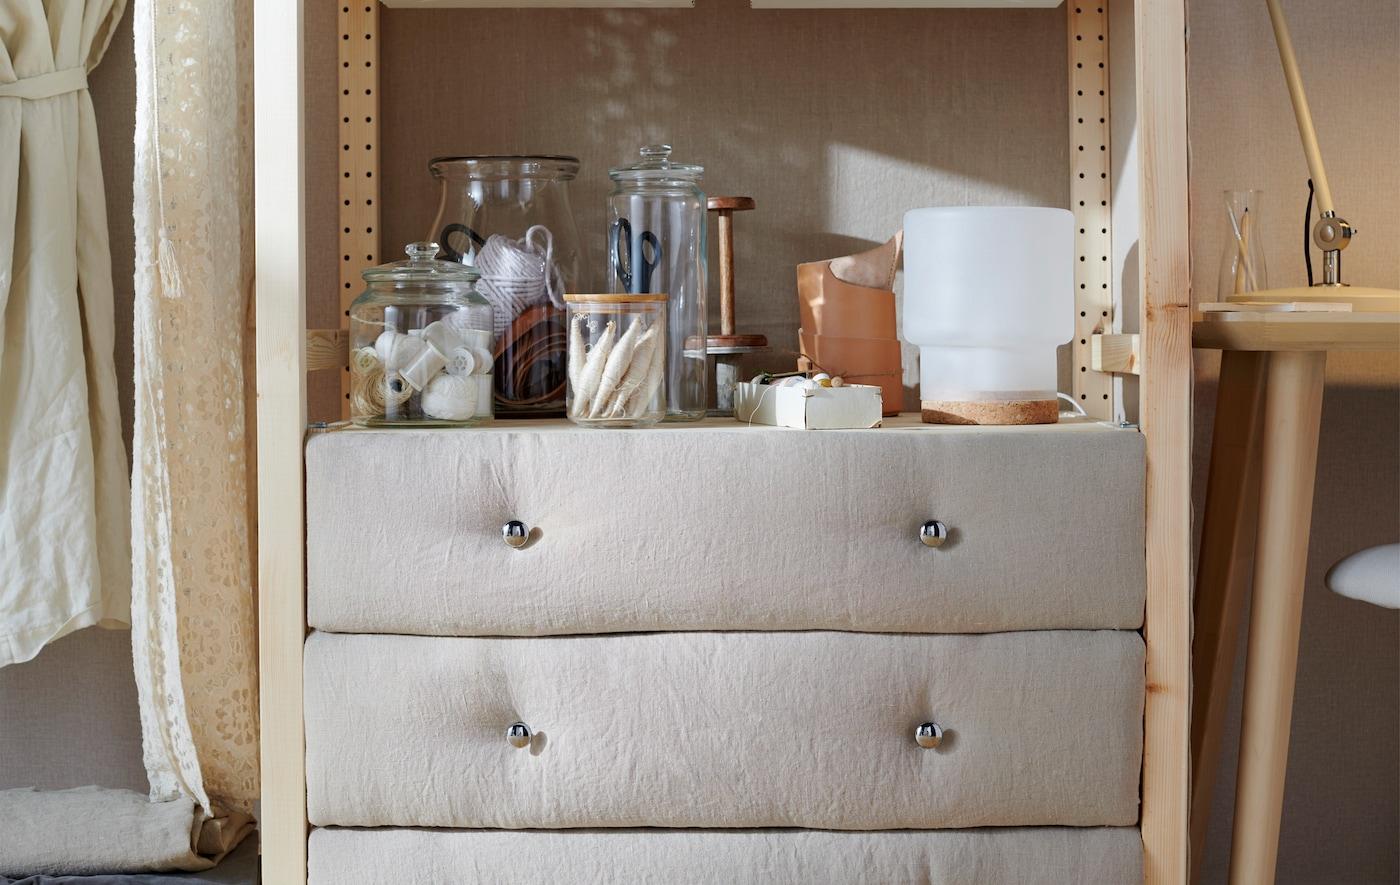 IKEA IVAR hiru tiraderadun komoda aurrealdea ehun-gaiez forratuta. Josteko tresnak dituzten poteek goiko aldea dekoratzen dute.